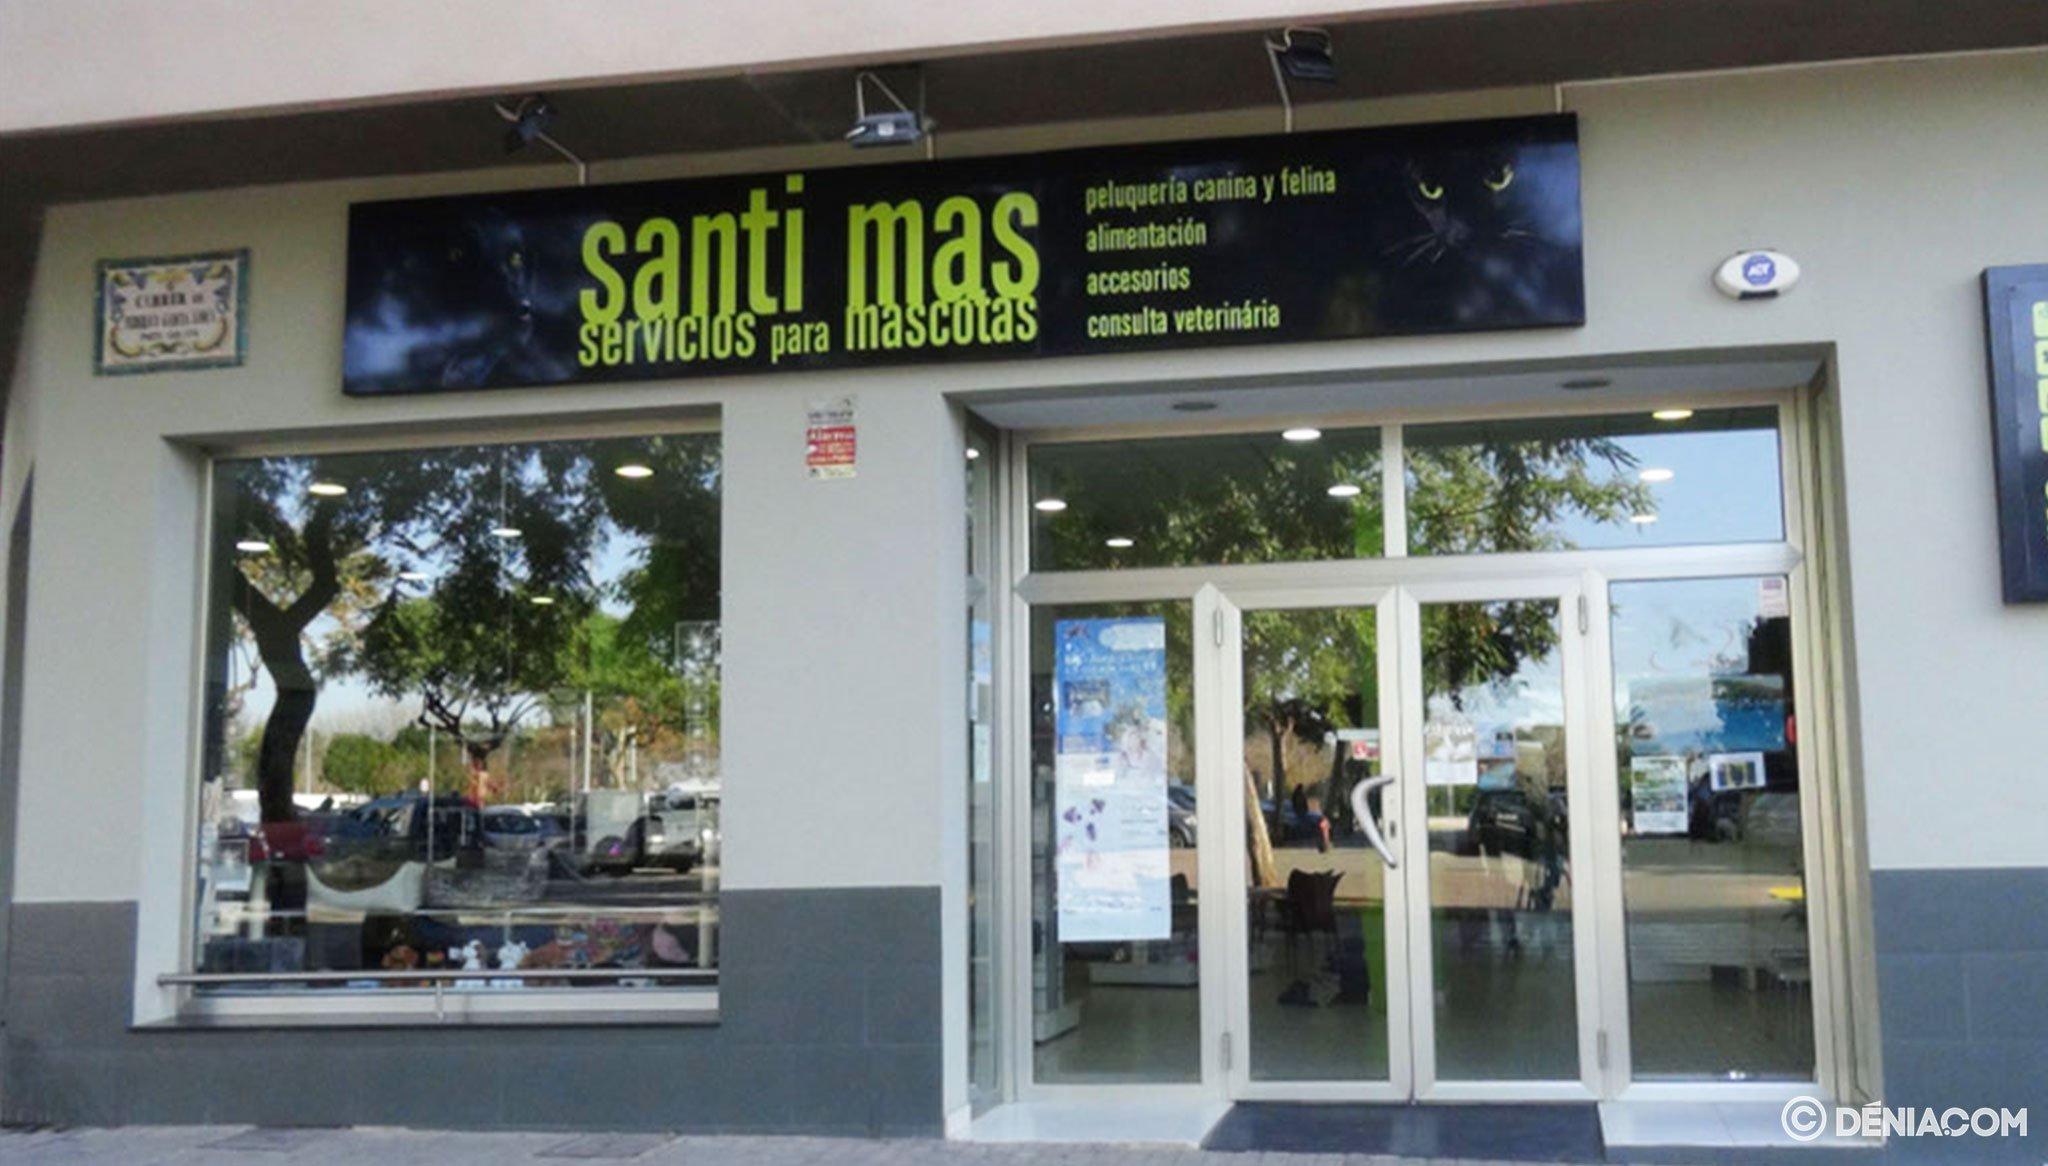 Entrada de Santi Mas – Servicios para mascotas